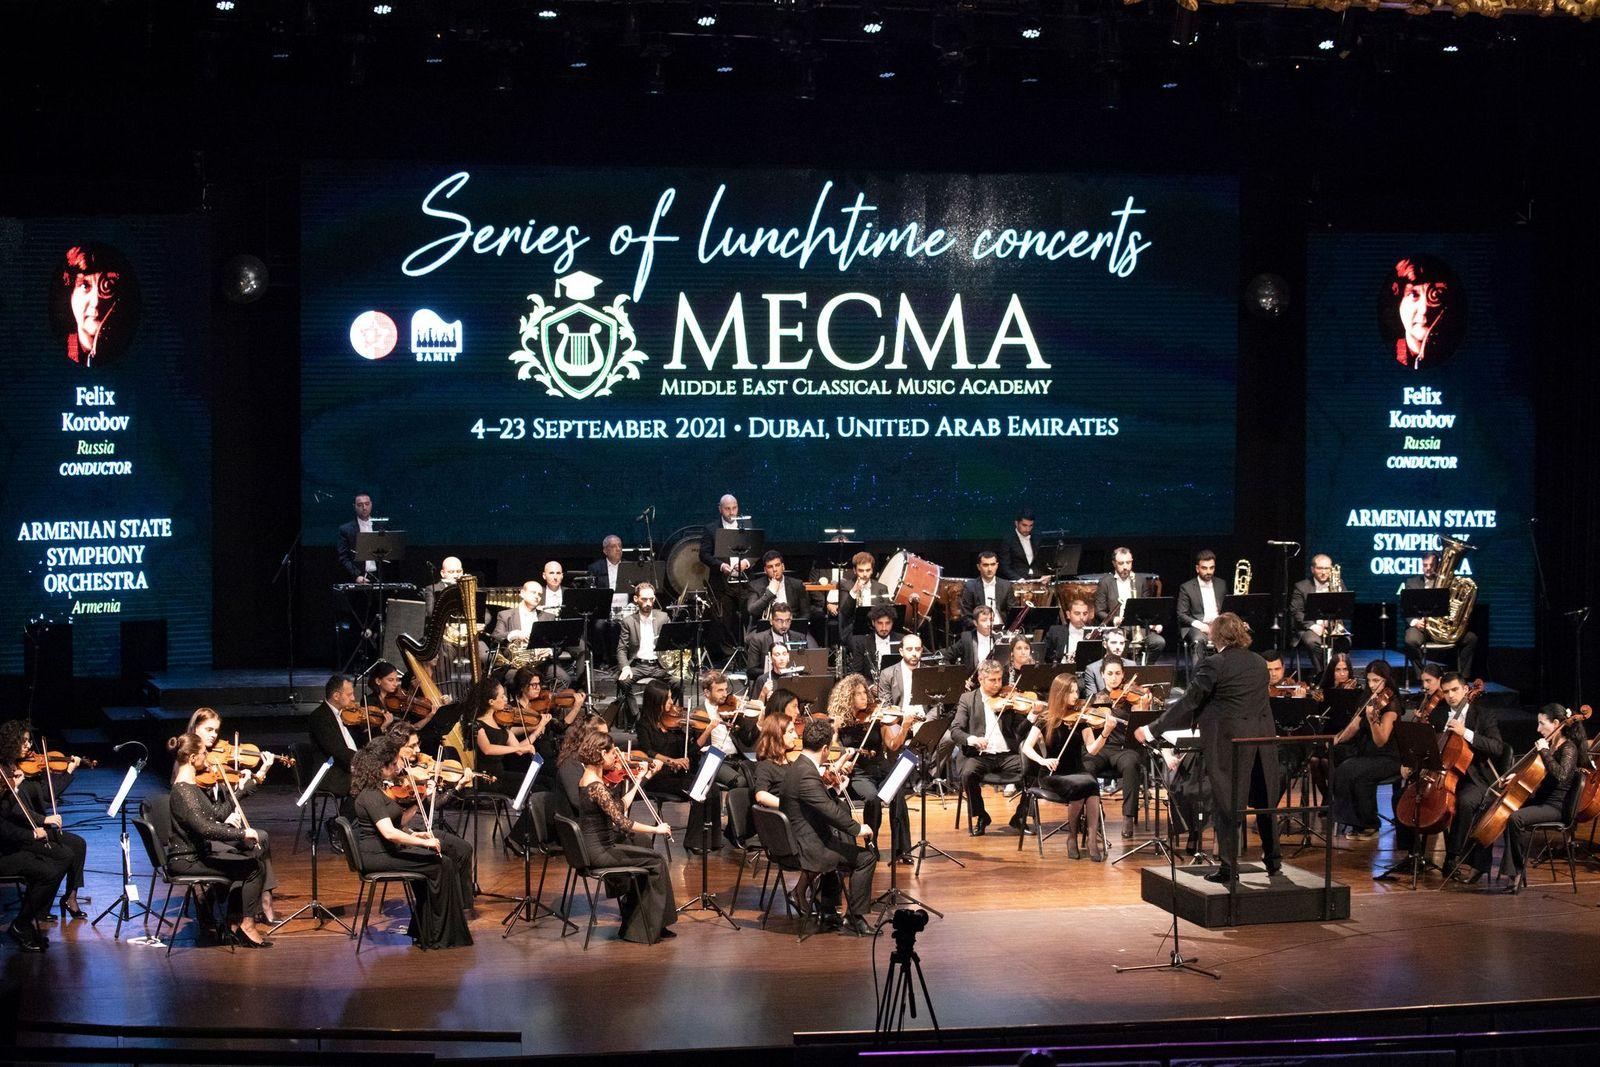 Концерт-открытие Ближневосточной Академии классической музыки в Дубае